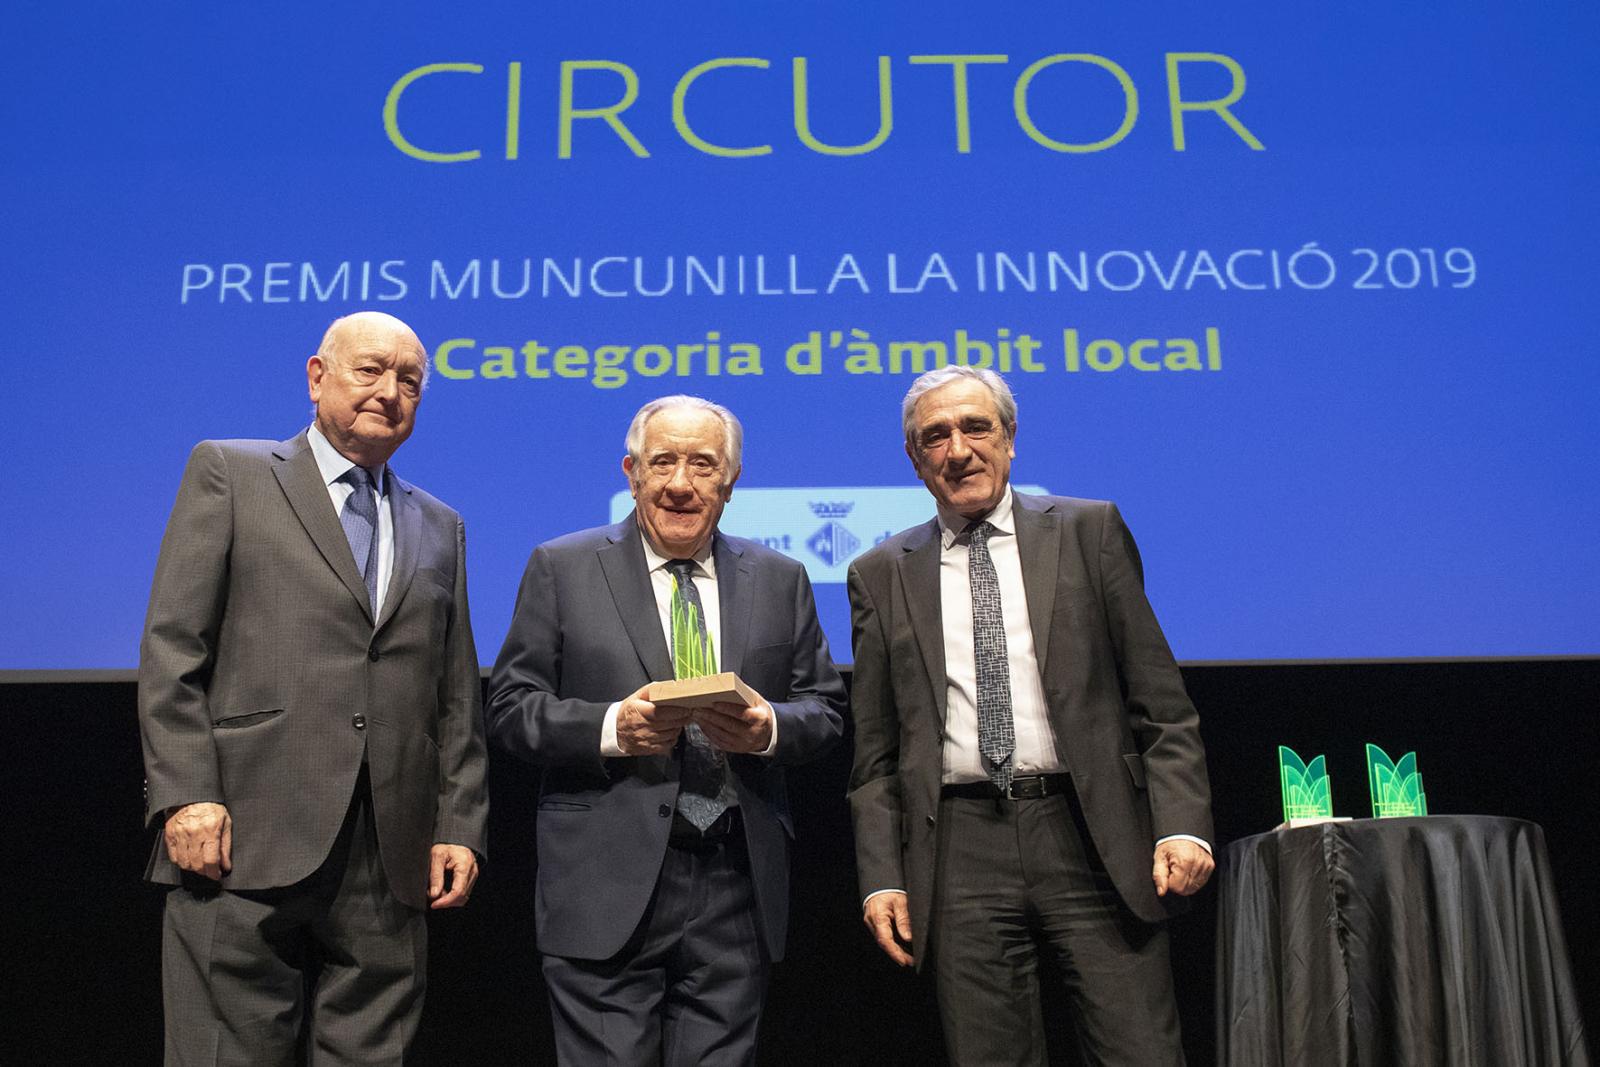 El 2019, els Premis Muncunill han recaigut en Circutor, Textia, el Festival Eufònic i Ramón Flecha. El Premi Muncunill a la Innovació Honorífic ha distingit Cristóbal Colón Palasí, fundador i president de La Fageda | Rafel Casanova BCF